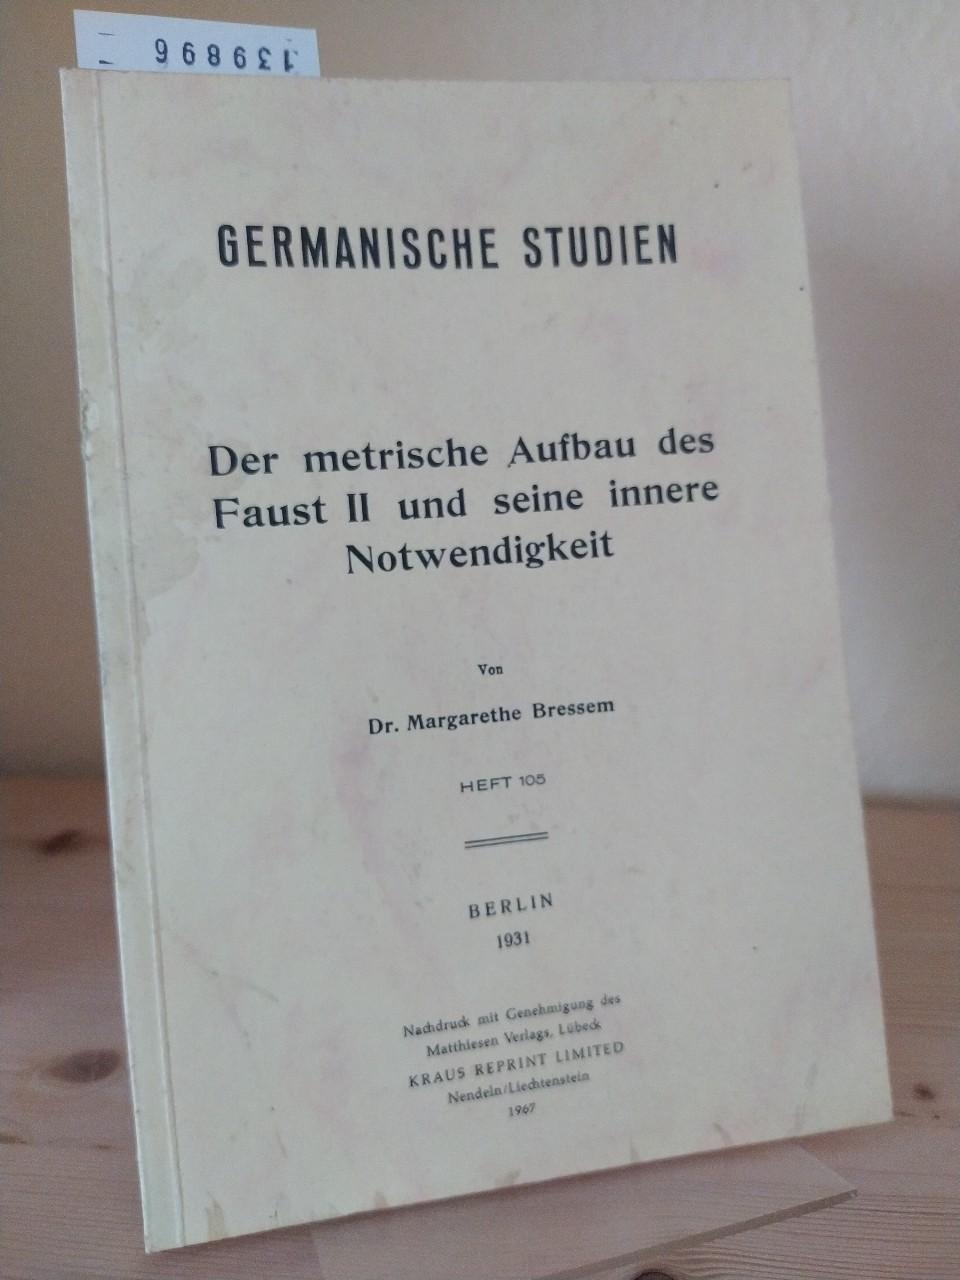 Der metrische Aufbau des Faust II und seine innere Notwendigkeit. [Von Margarethe Bressem]. (= Germanische Studien. Heft 105). Reprint der Ausgabe Berlin, Verlag Dr. Emil Ebering 1931.